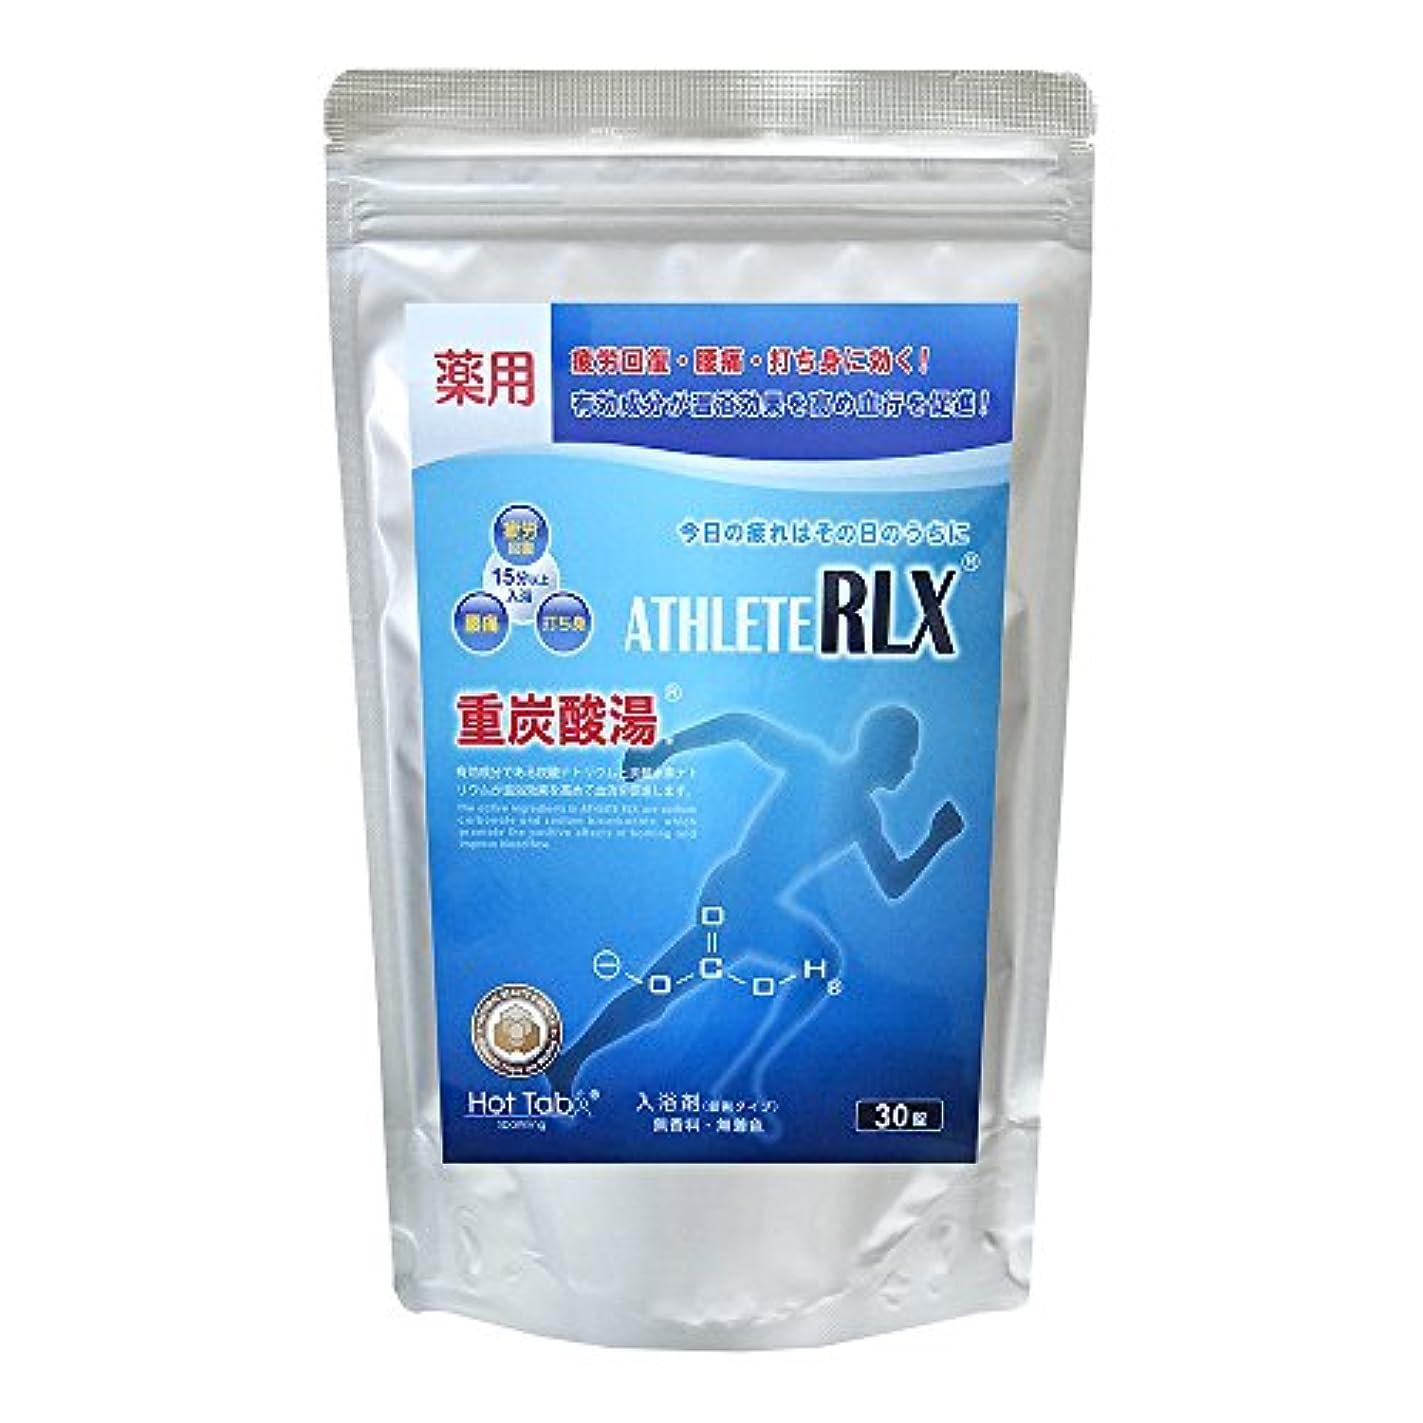 浮浪者ハックくそーホットアルバムコム ATHLETE RLX(アスリートRLX) 薬用 30錠入り